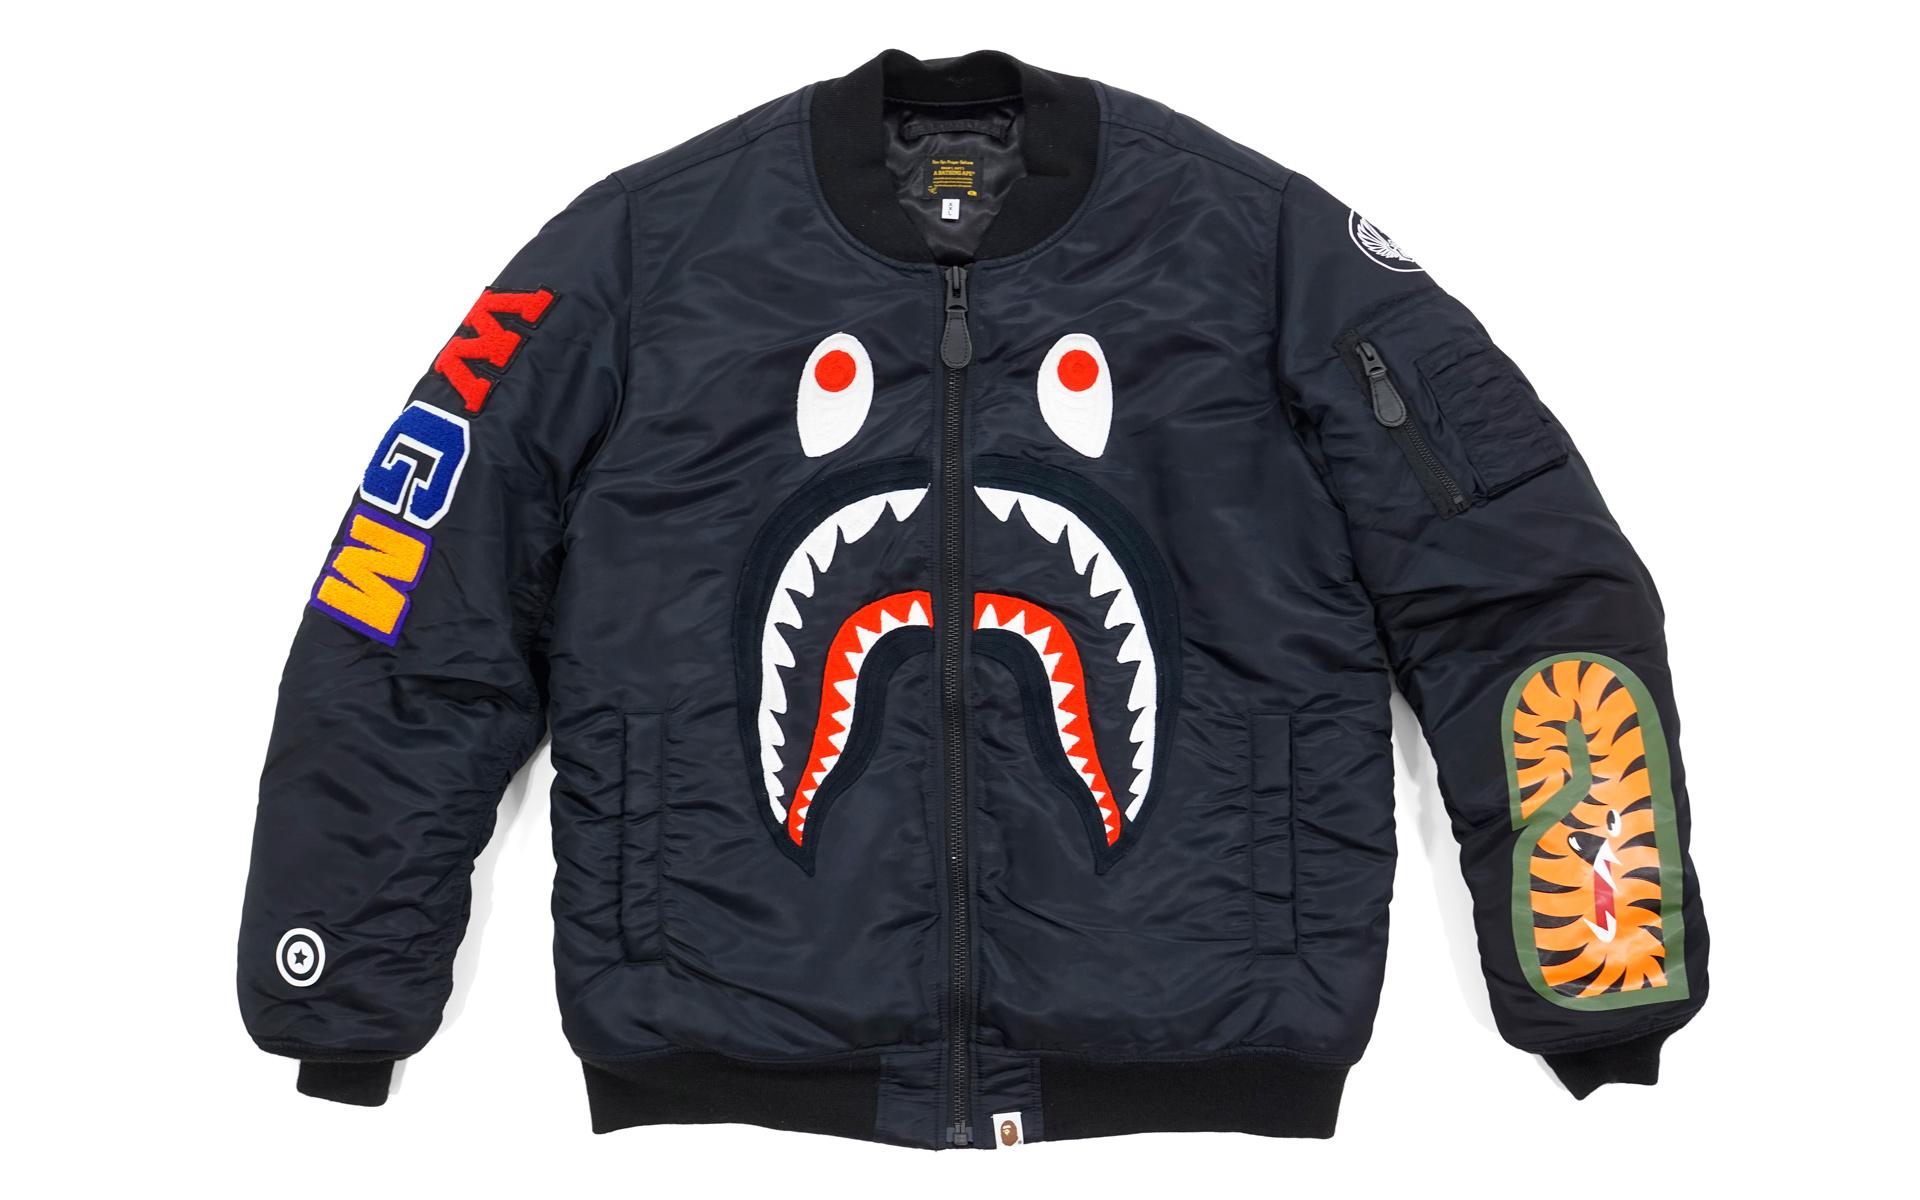 Bape Ma1 Noir Survêtement Veste De Bomber 57pzxgwq Devant Requin TR14q0w